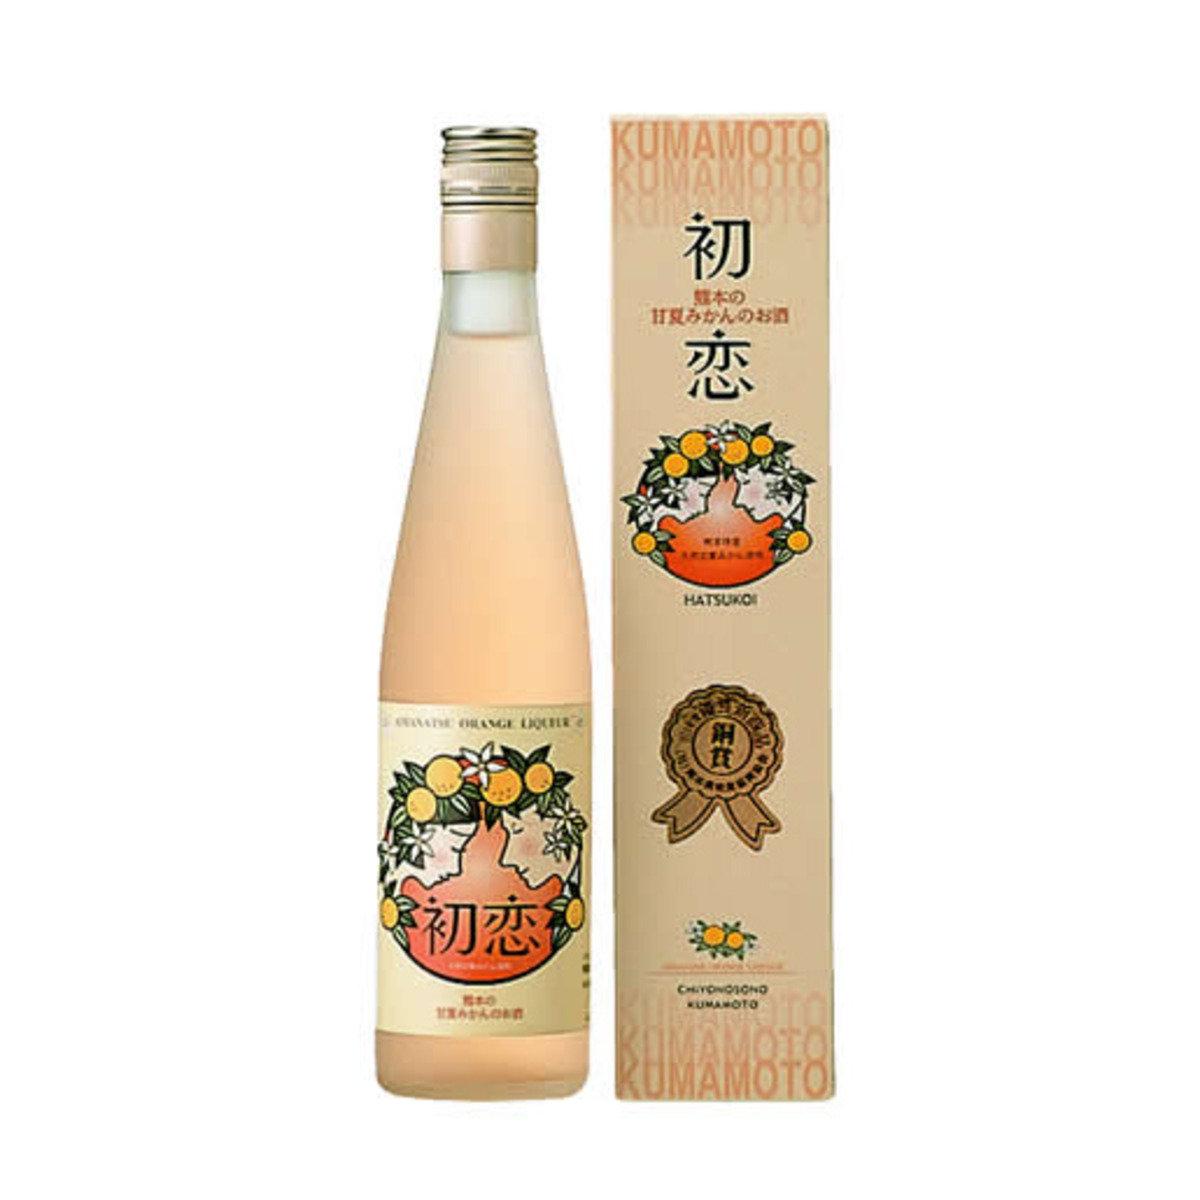 熊本 甘夏甜酒 '初戀' (500毫升)